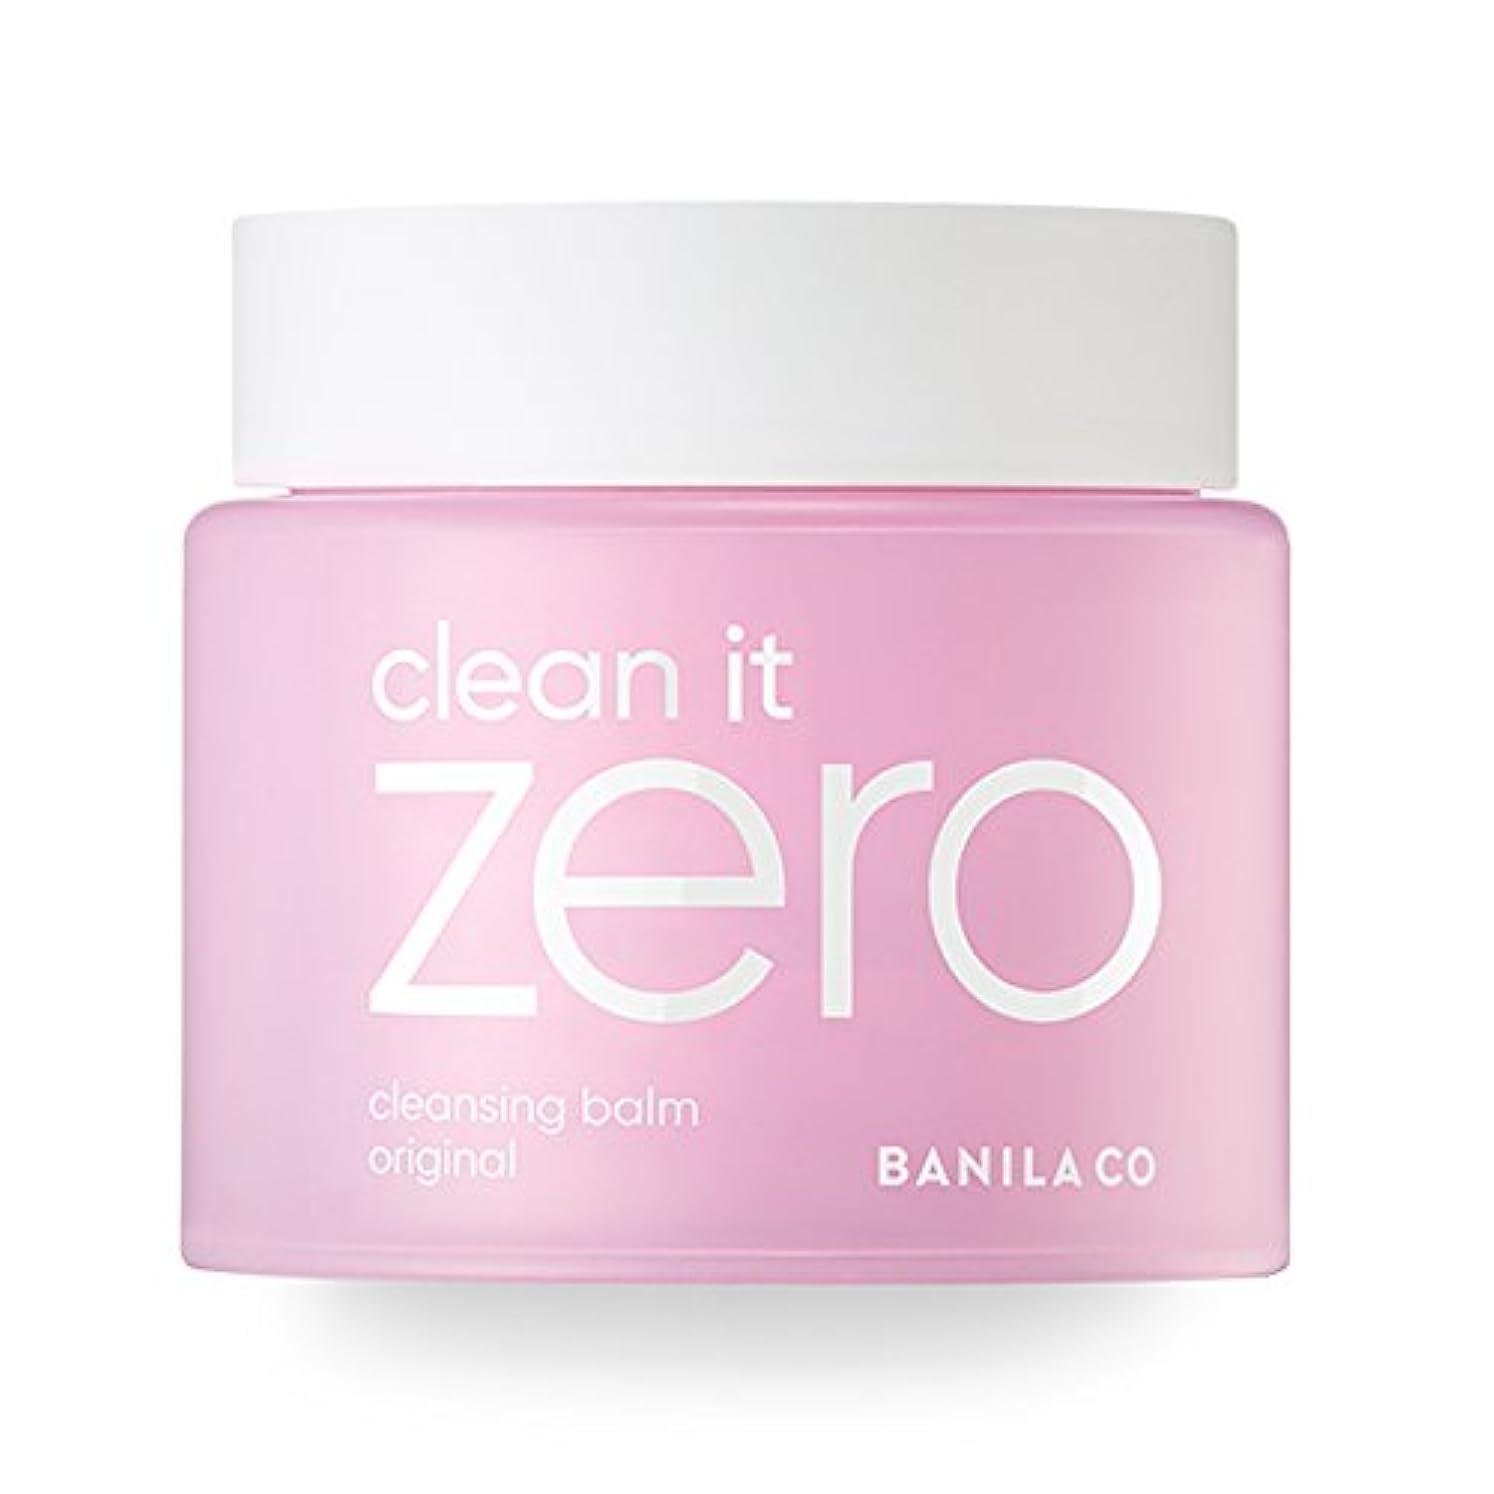 隔離する小売角度BANILA CO(バニラコ)公式ストア  バニラコ クリーン イット ゼロ クレンジング バーム オリジナル / Clean It Zero Cleansing Balm Original 180ml